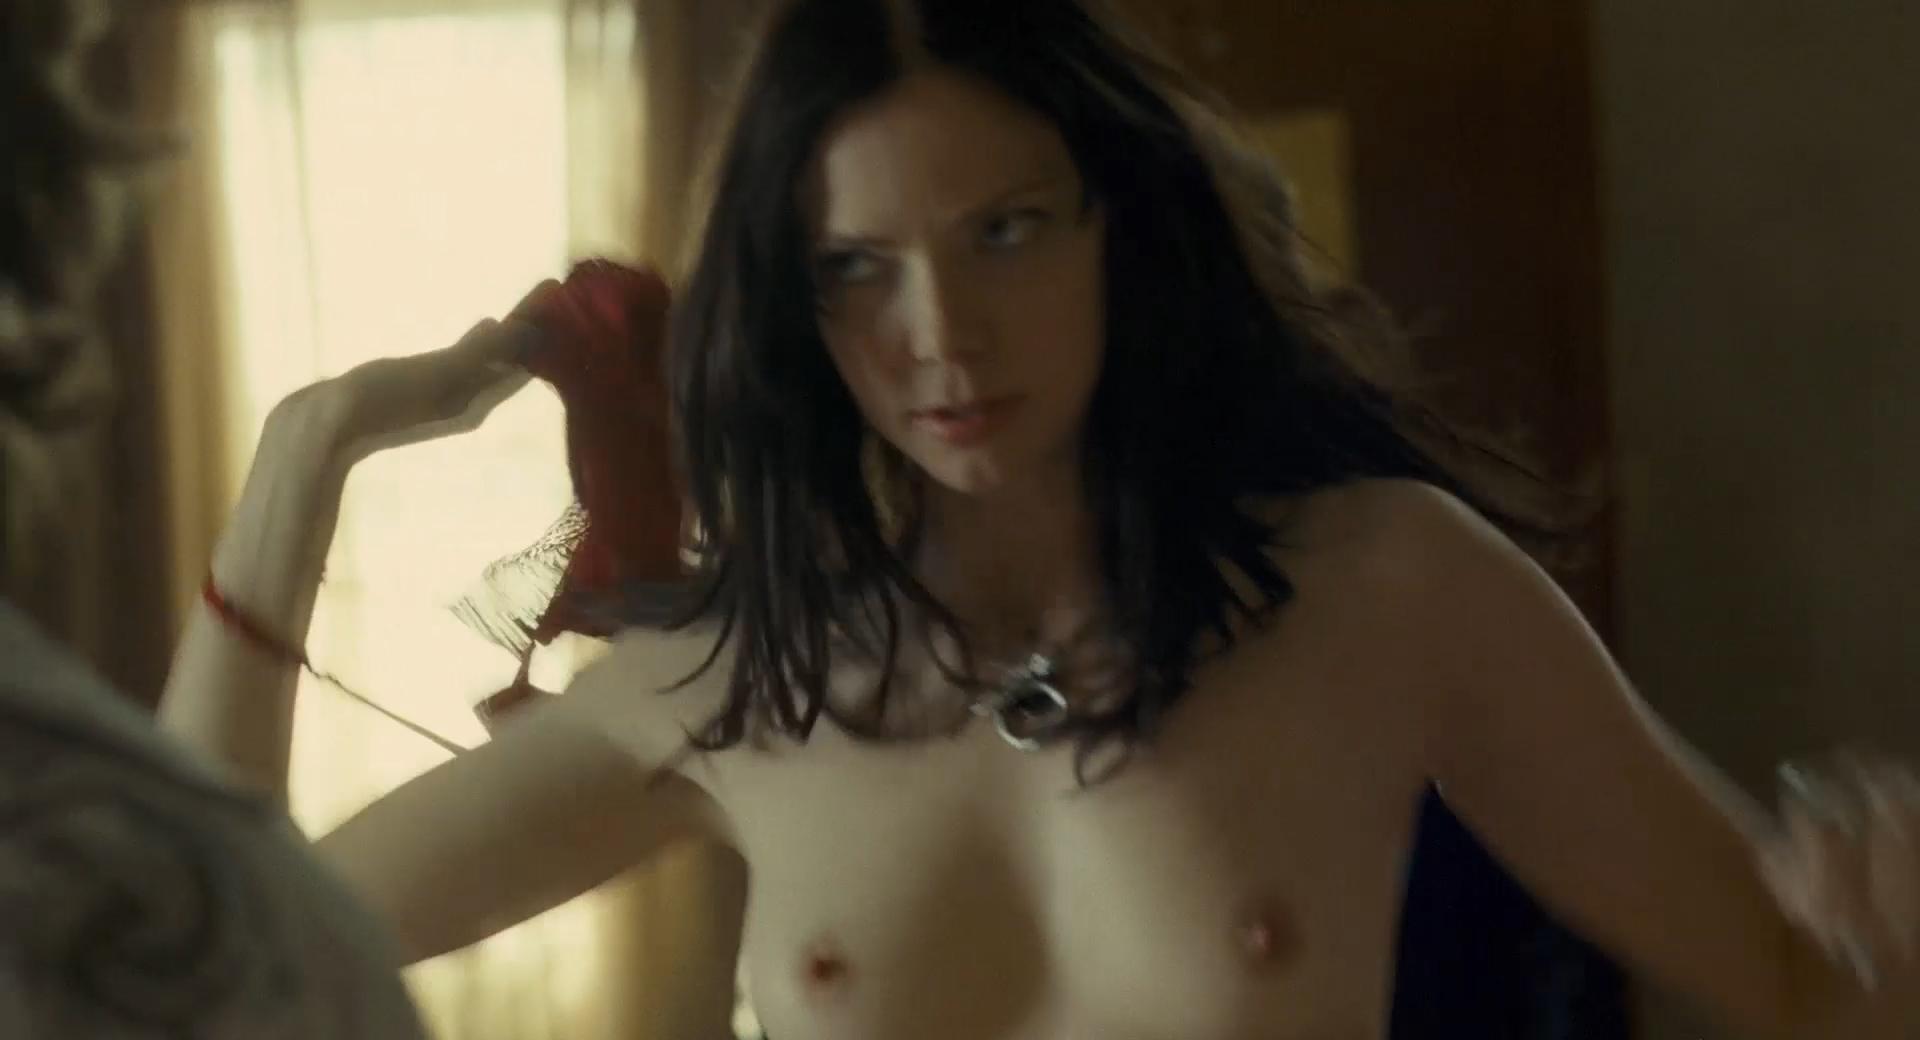 Sara paxton nude scenes